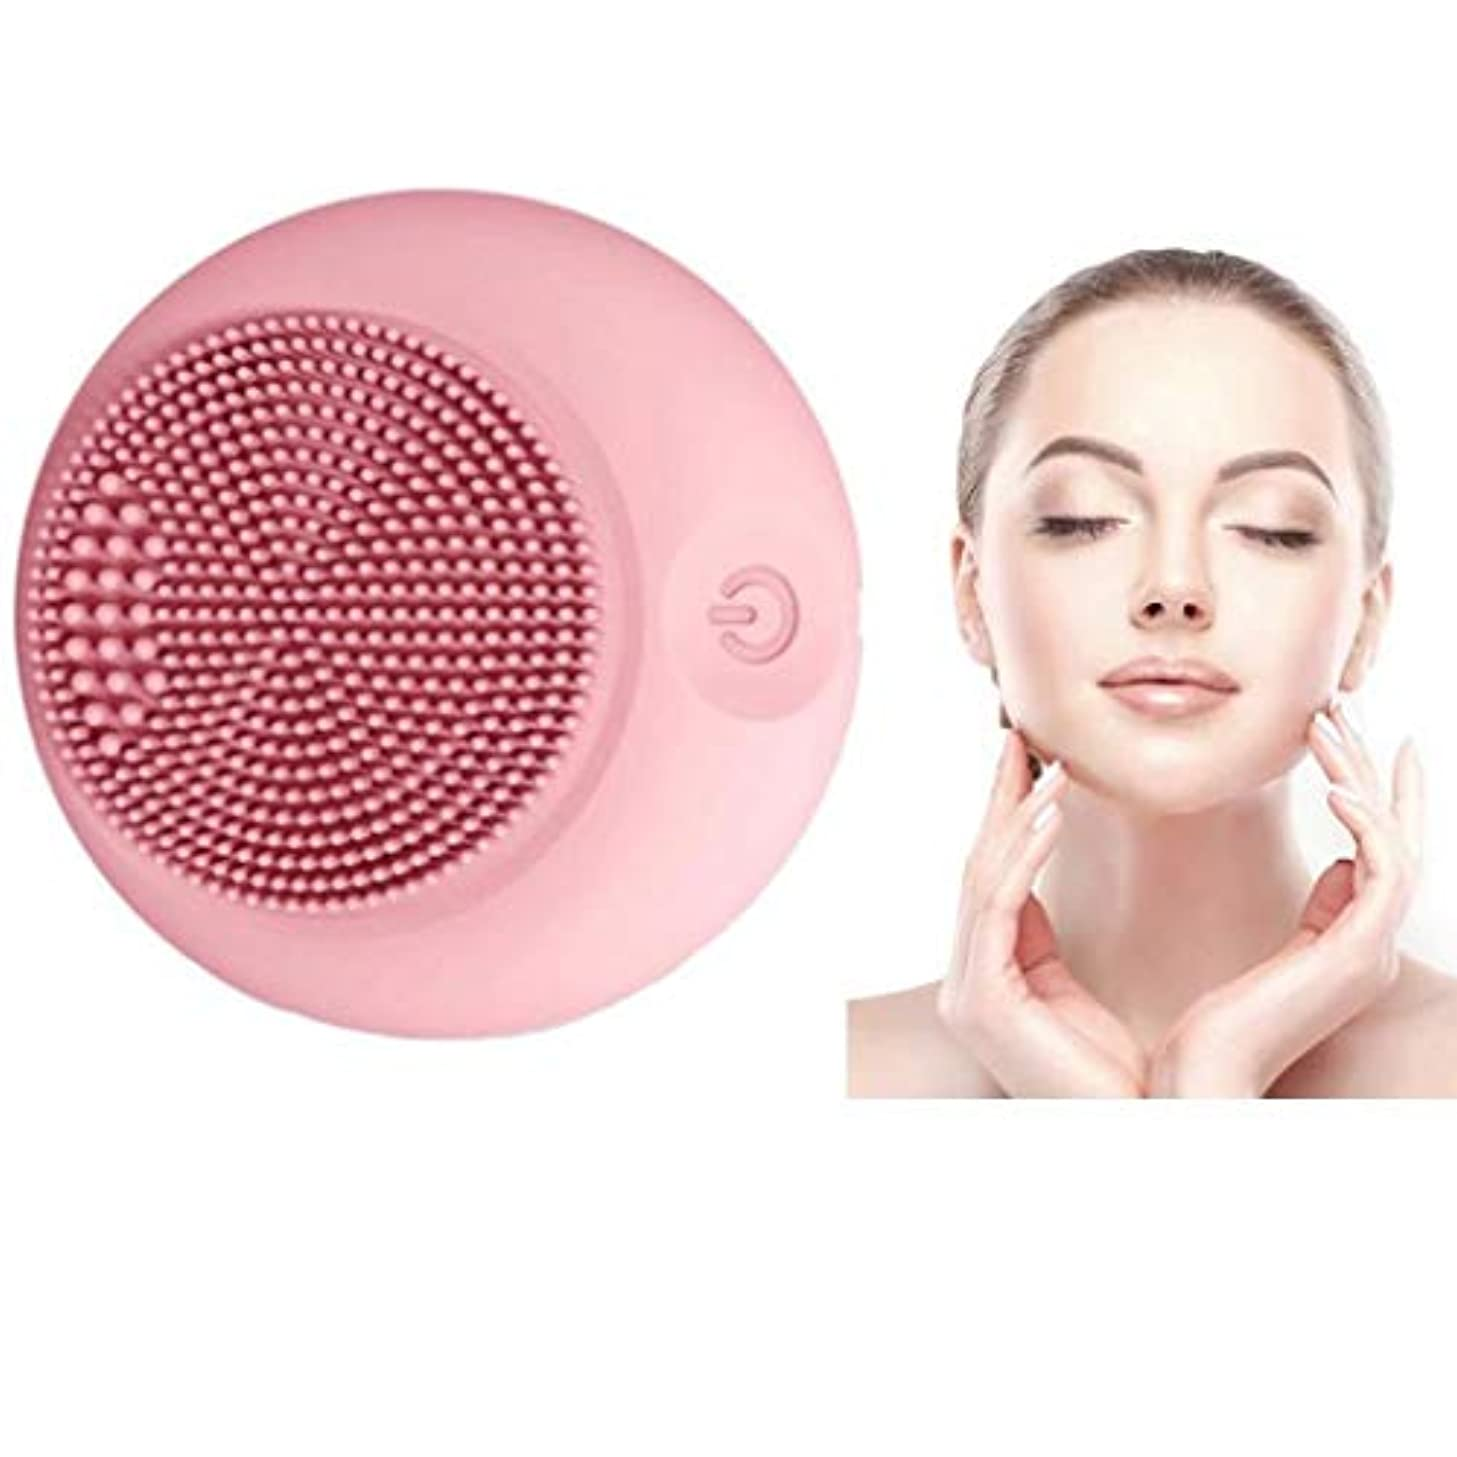 透ける驚き資金クレンジング楽器、シリコンクレンジングブラシ、電動ウォッシュブラシ、シリコンフェイシャルマッサージ、ポータブル超音波振動、肌を清潔に保ち、防水、すべての肌タイプに適して (Color : Pink)